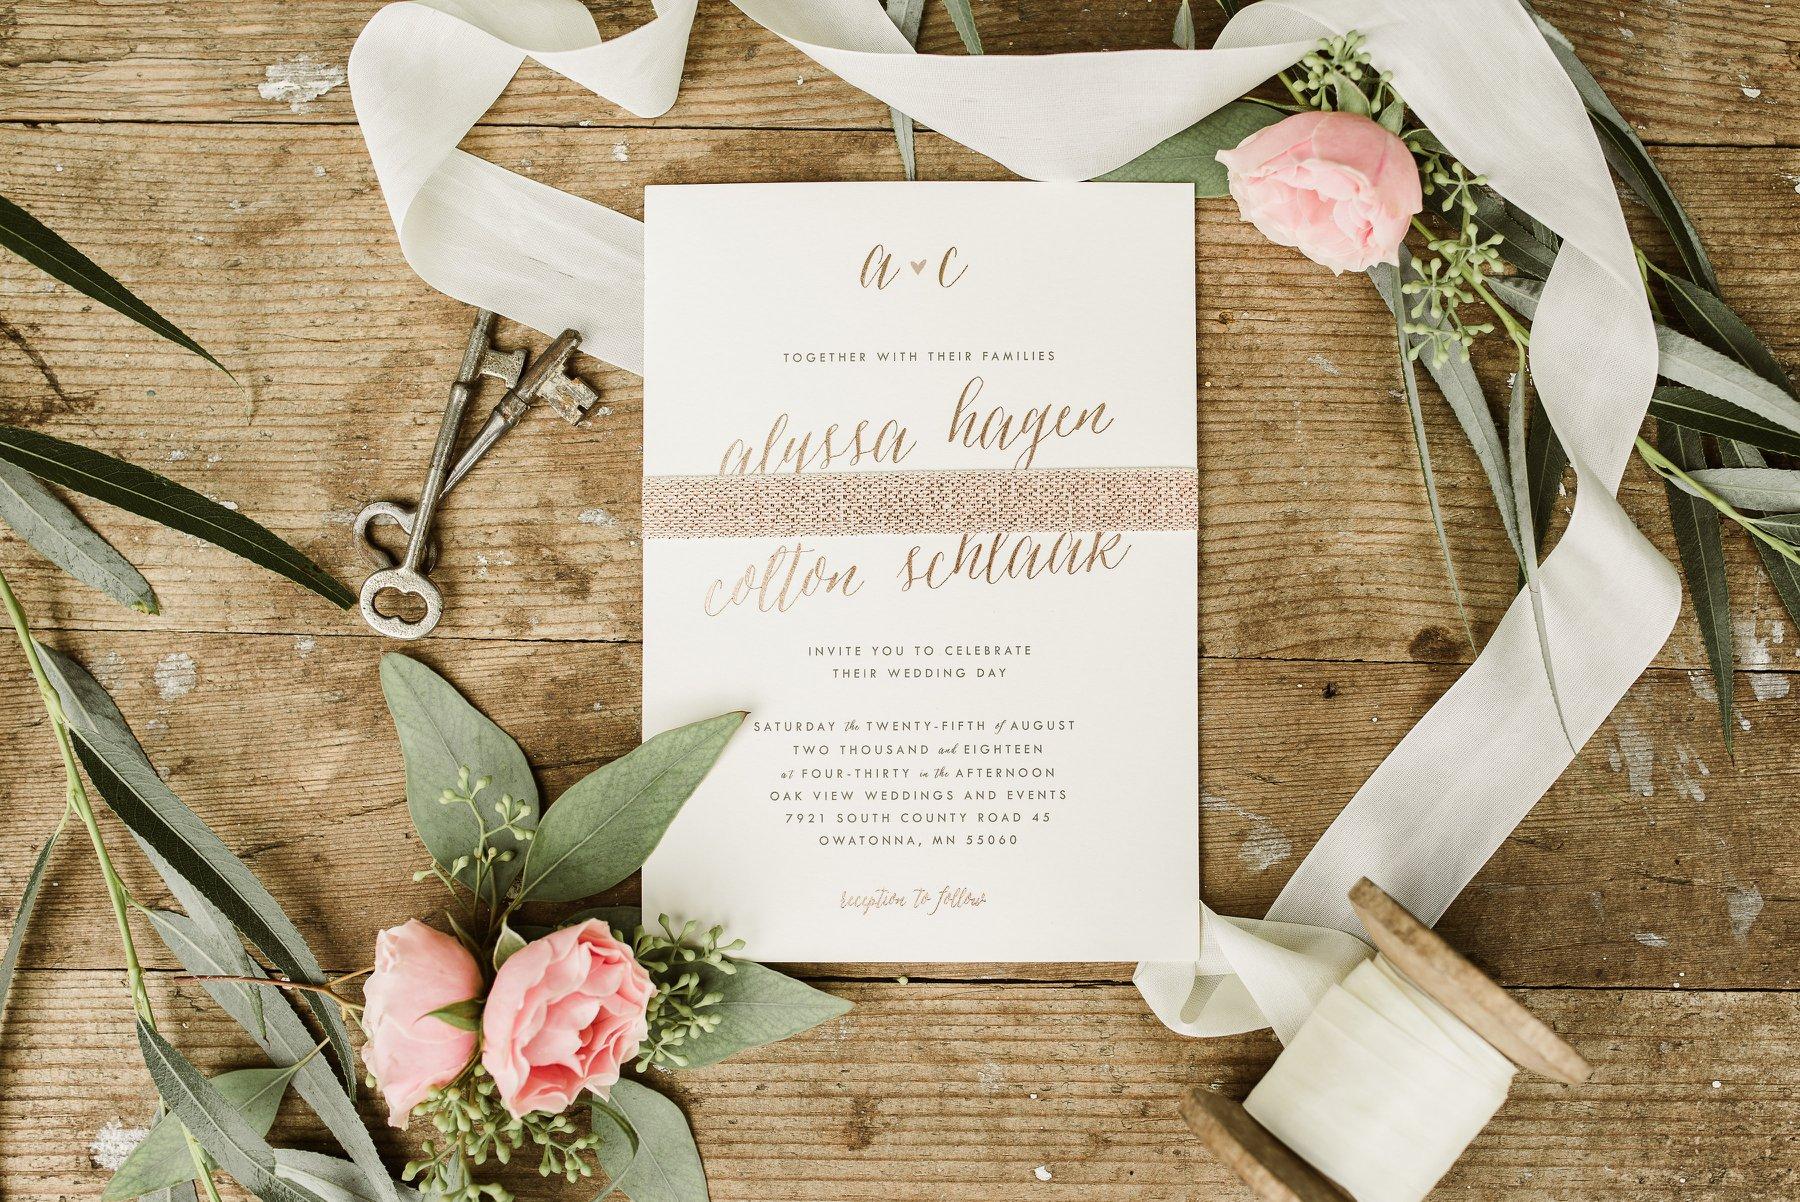 Alyssa Hagen Invites